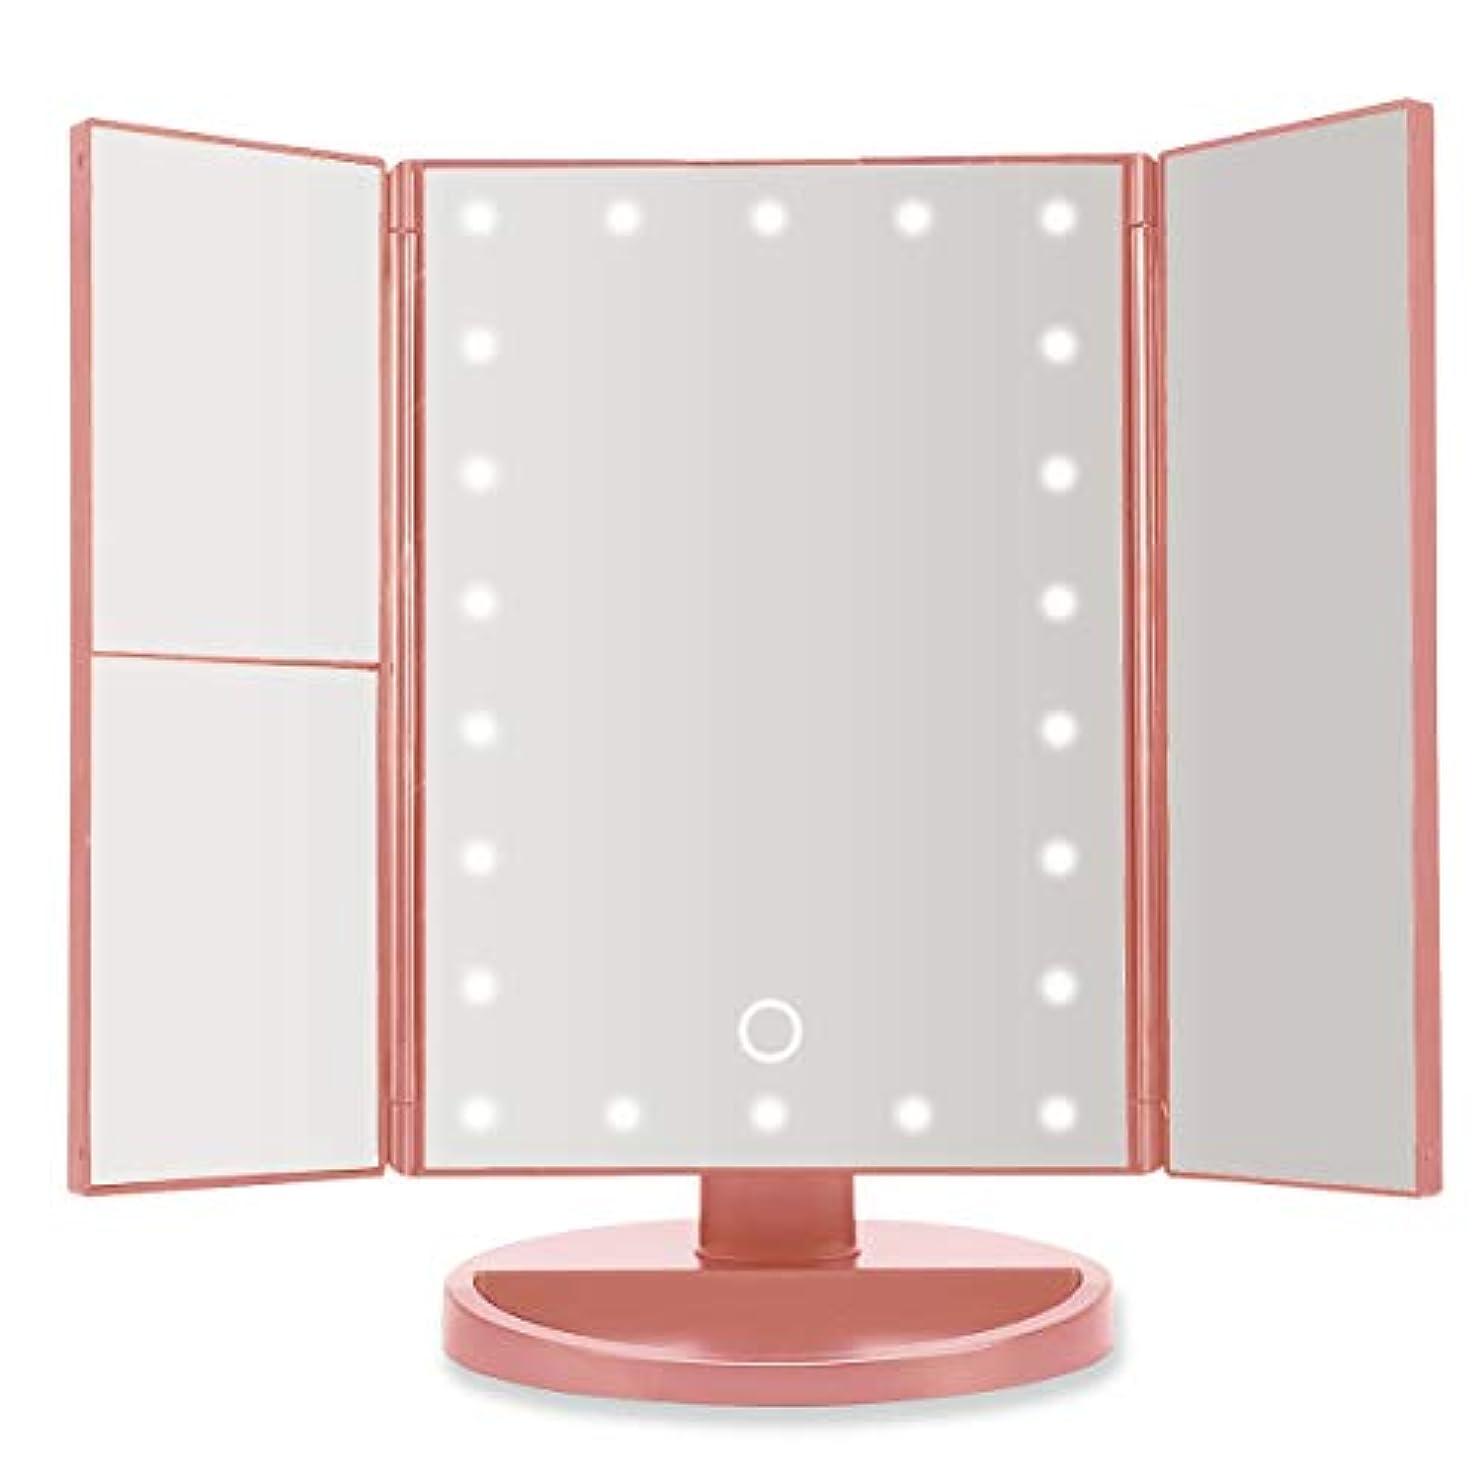 詐欺コア娯楽22LED付き3面鏡卓上女優ミラー ピンク